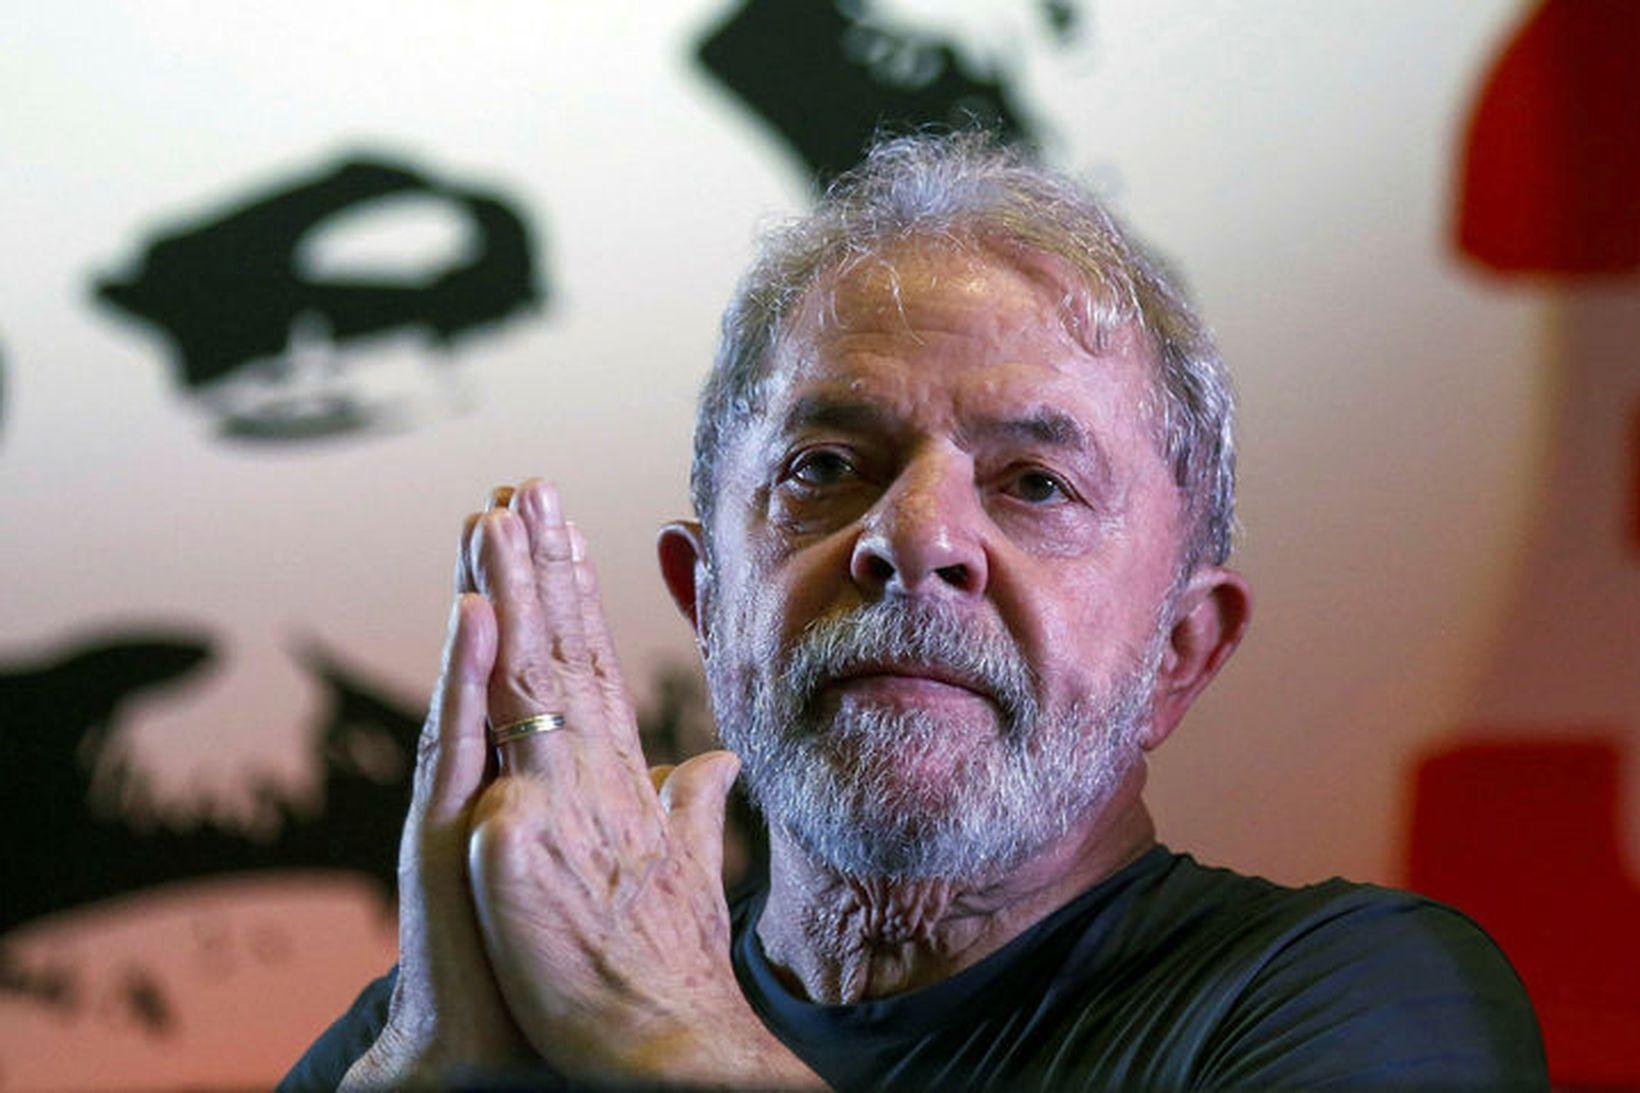 Luiz Inacio Lula da Silva, fyrrverandi forseti Brasilíu, naut mikil …